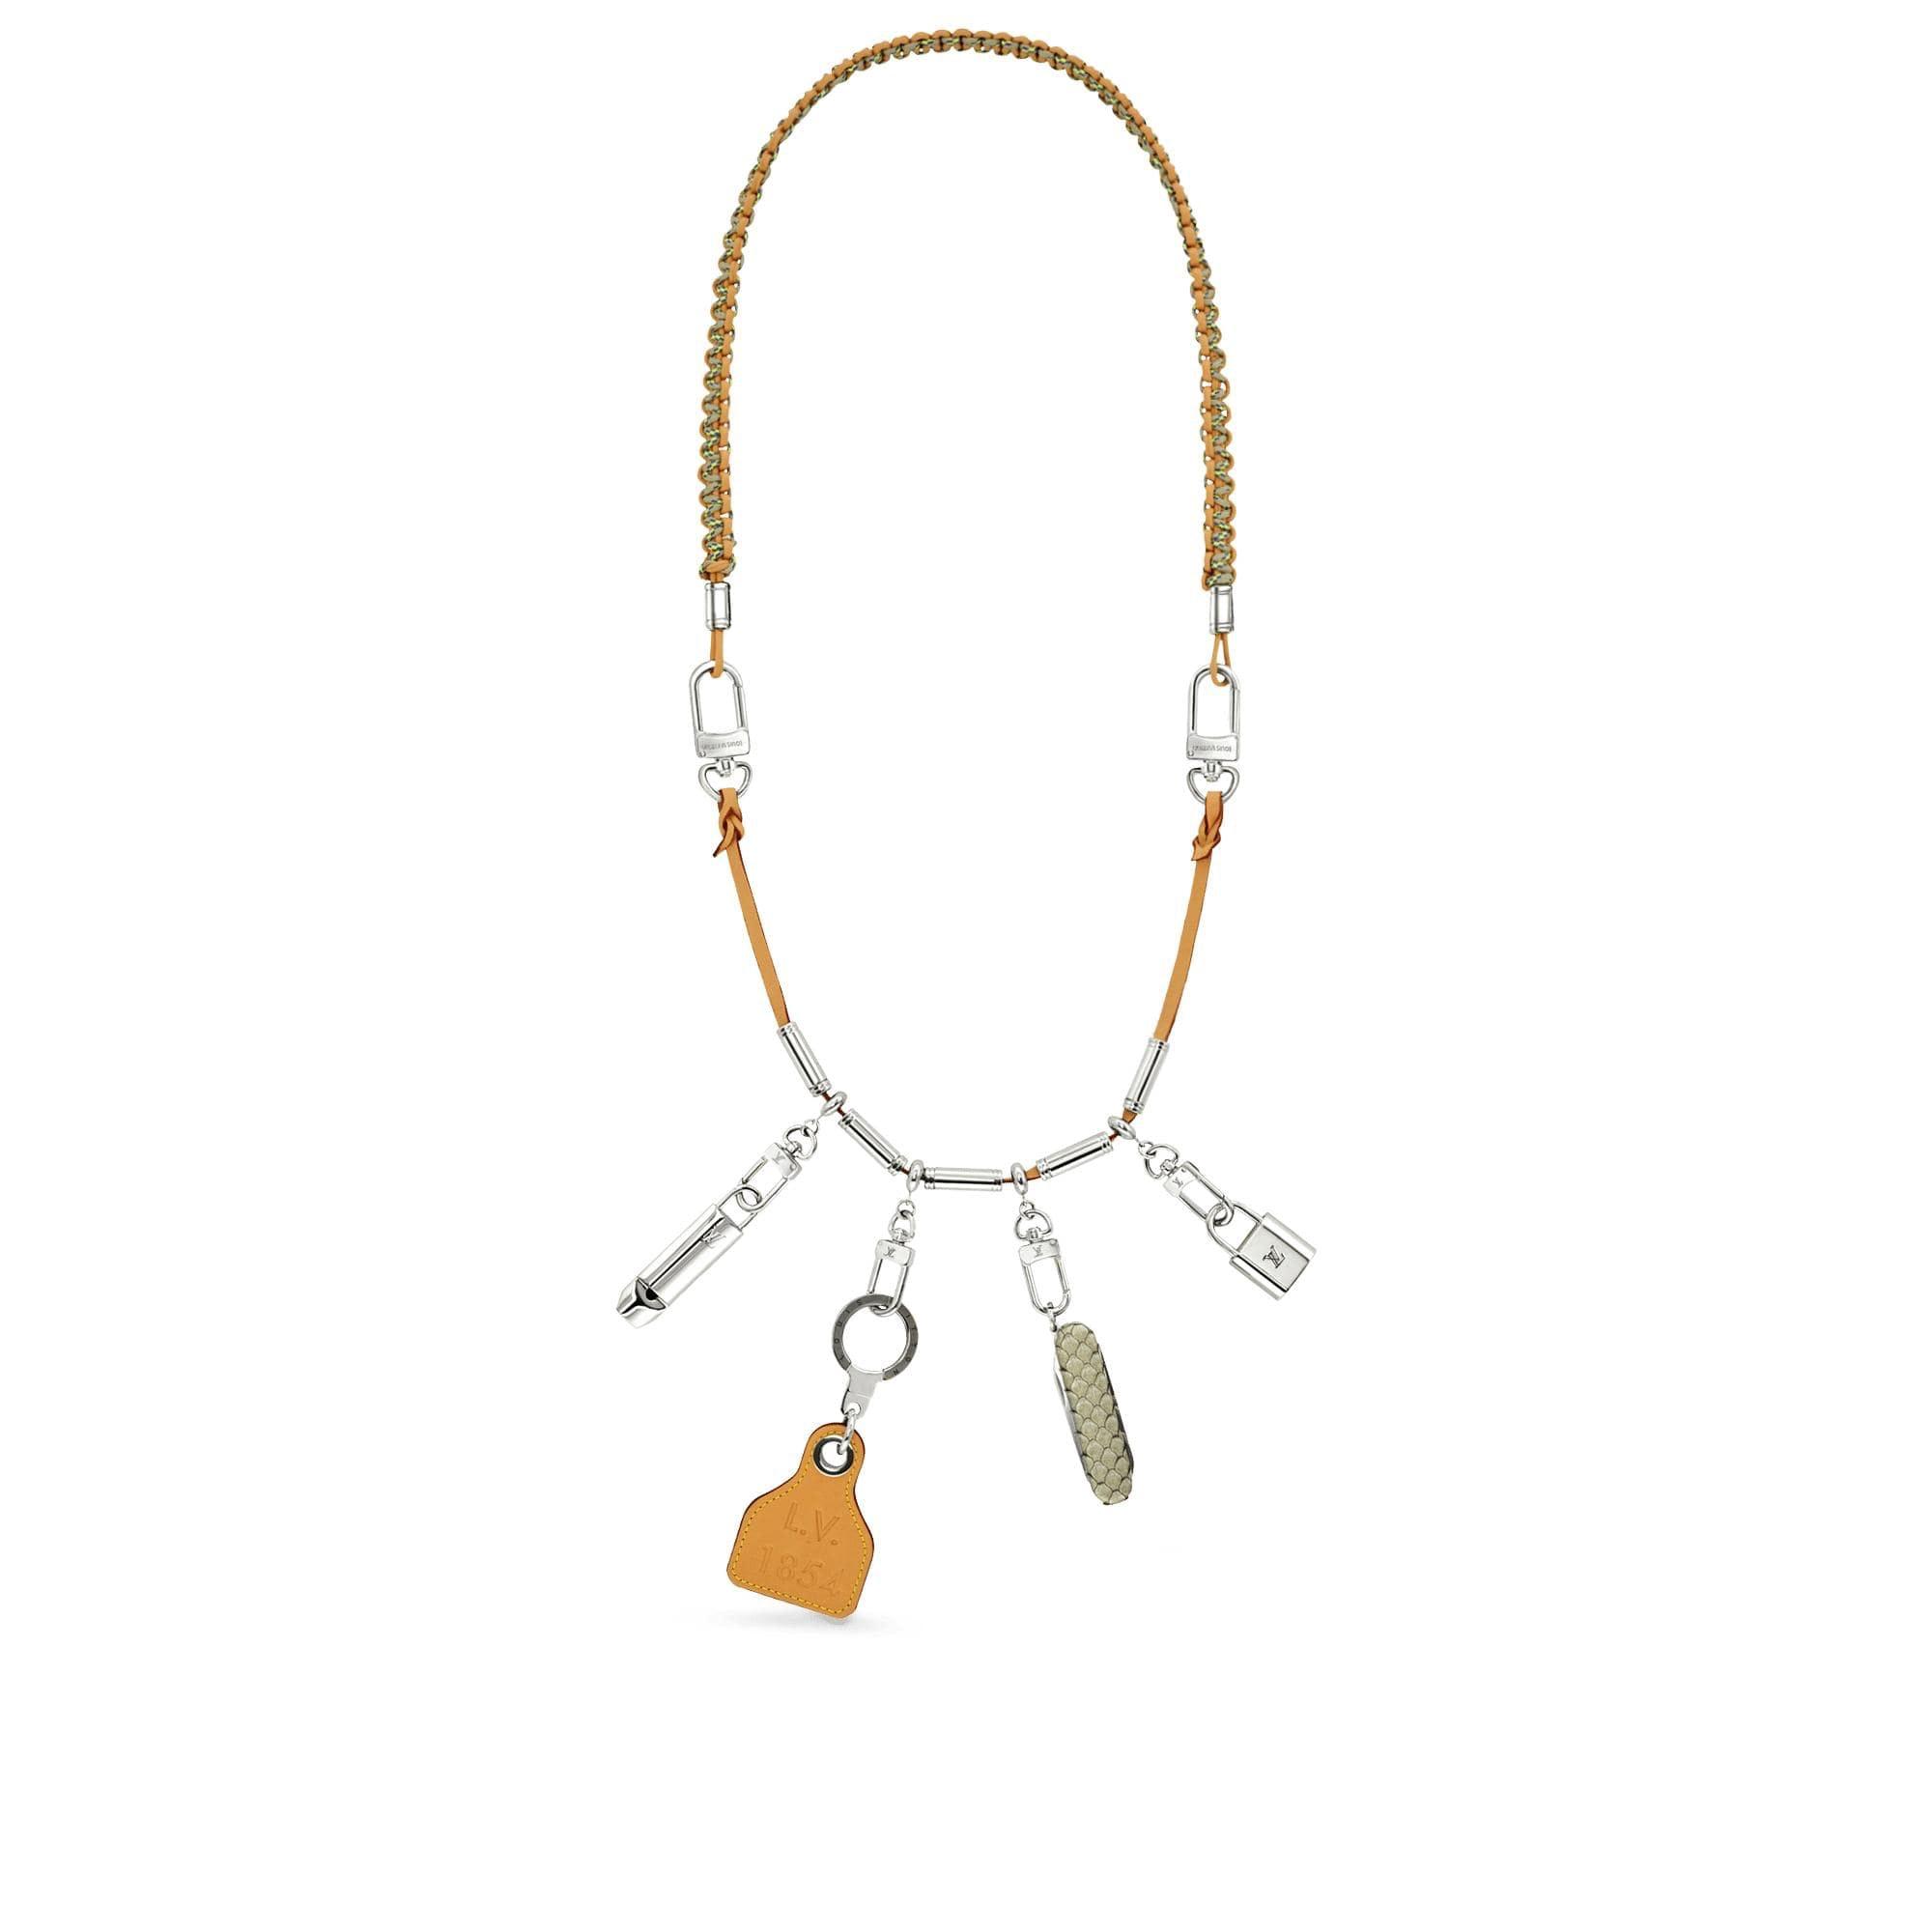 Louis Vuitton Survival Necklace Gold Multicolor